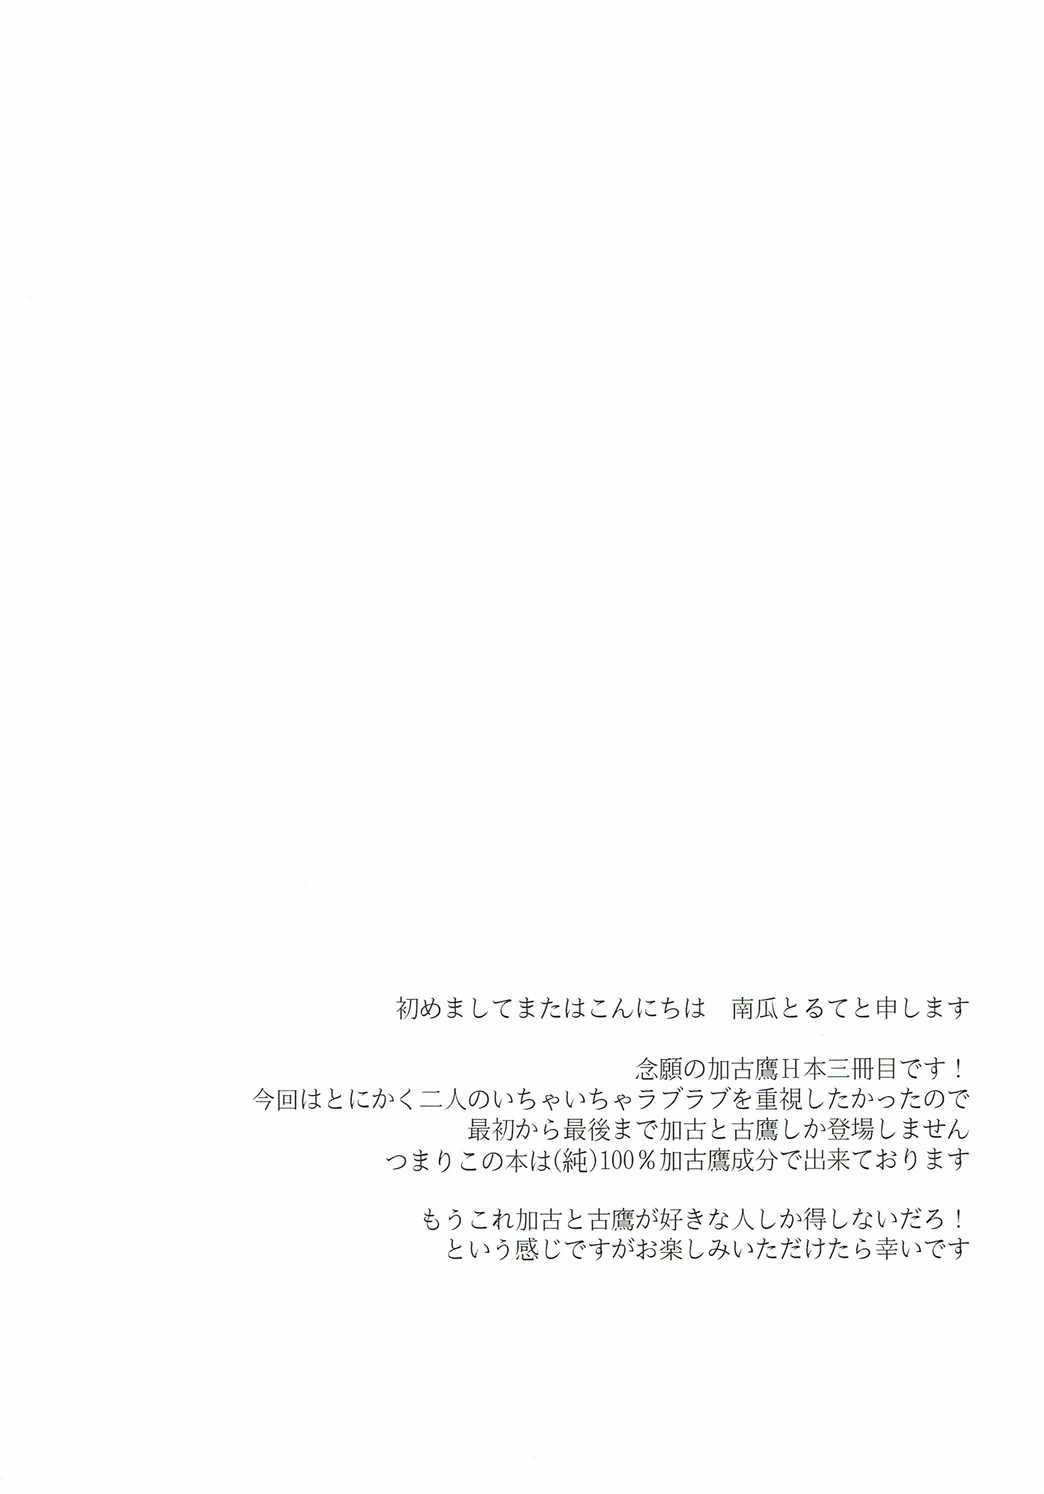 Toaru juujun Shimai no Netsu Bousou 2